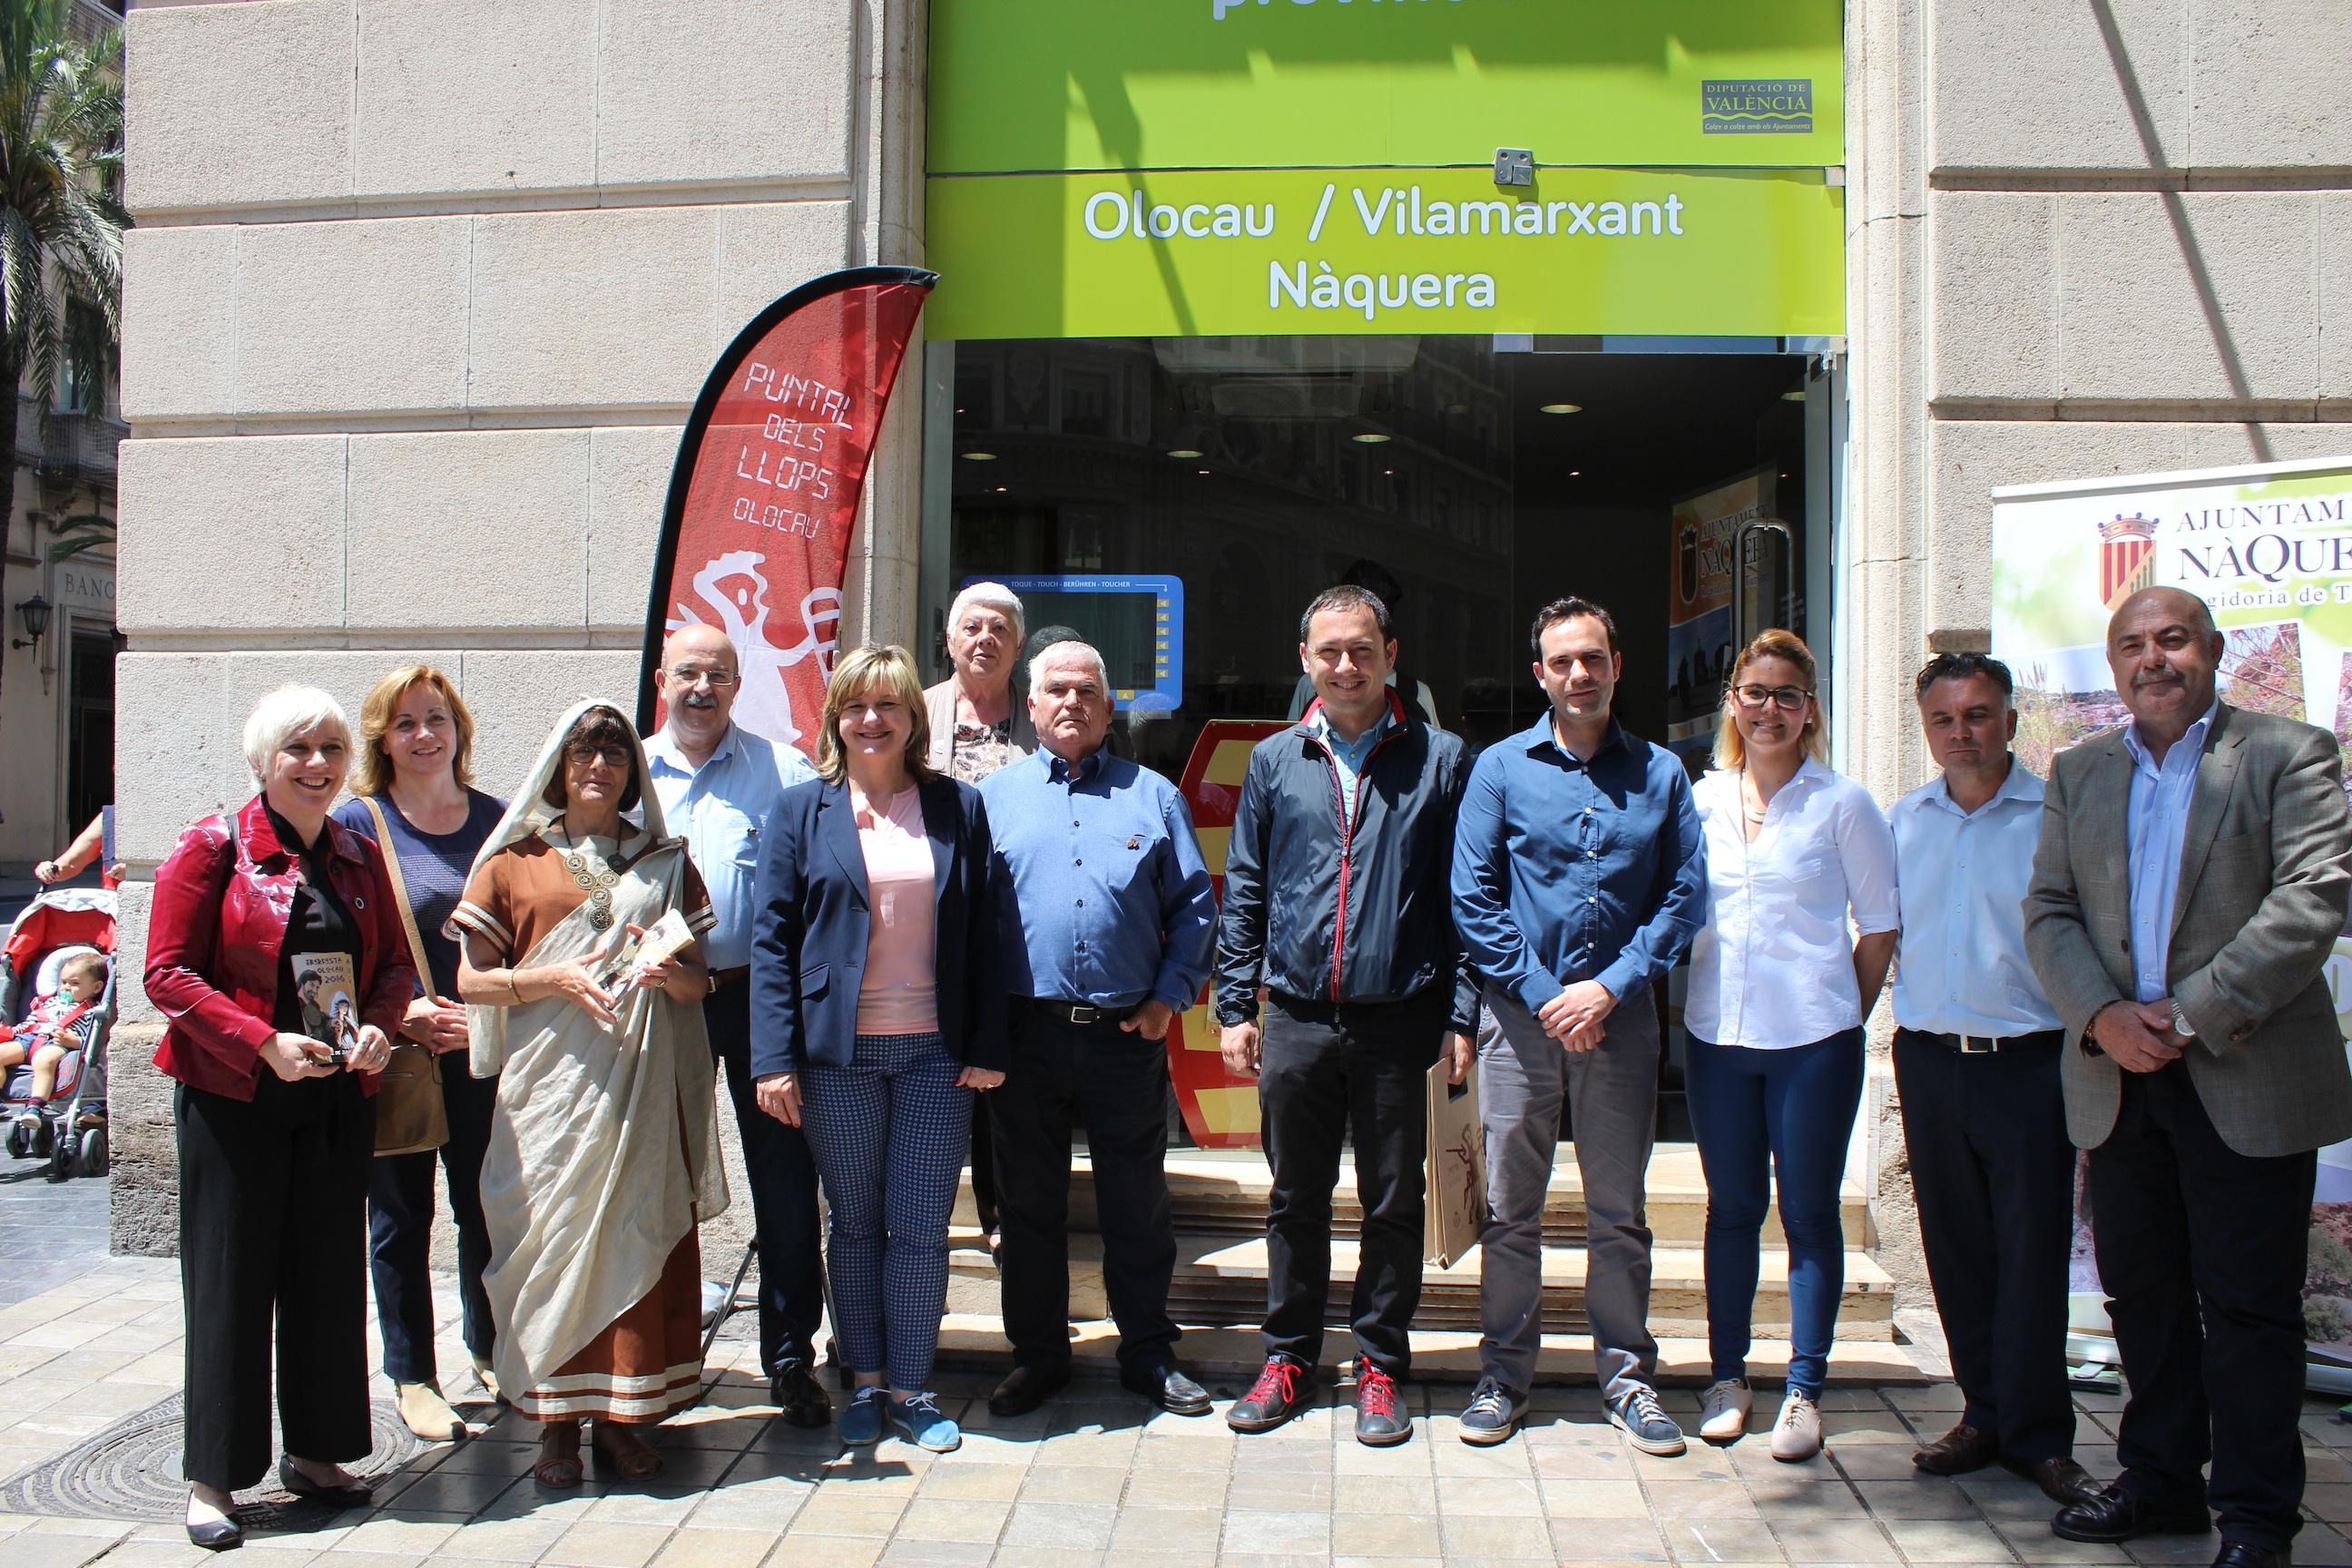 Pilar Moncho con los representantes locales ante la Oficina del Patronato de Turismo.